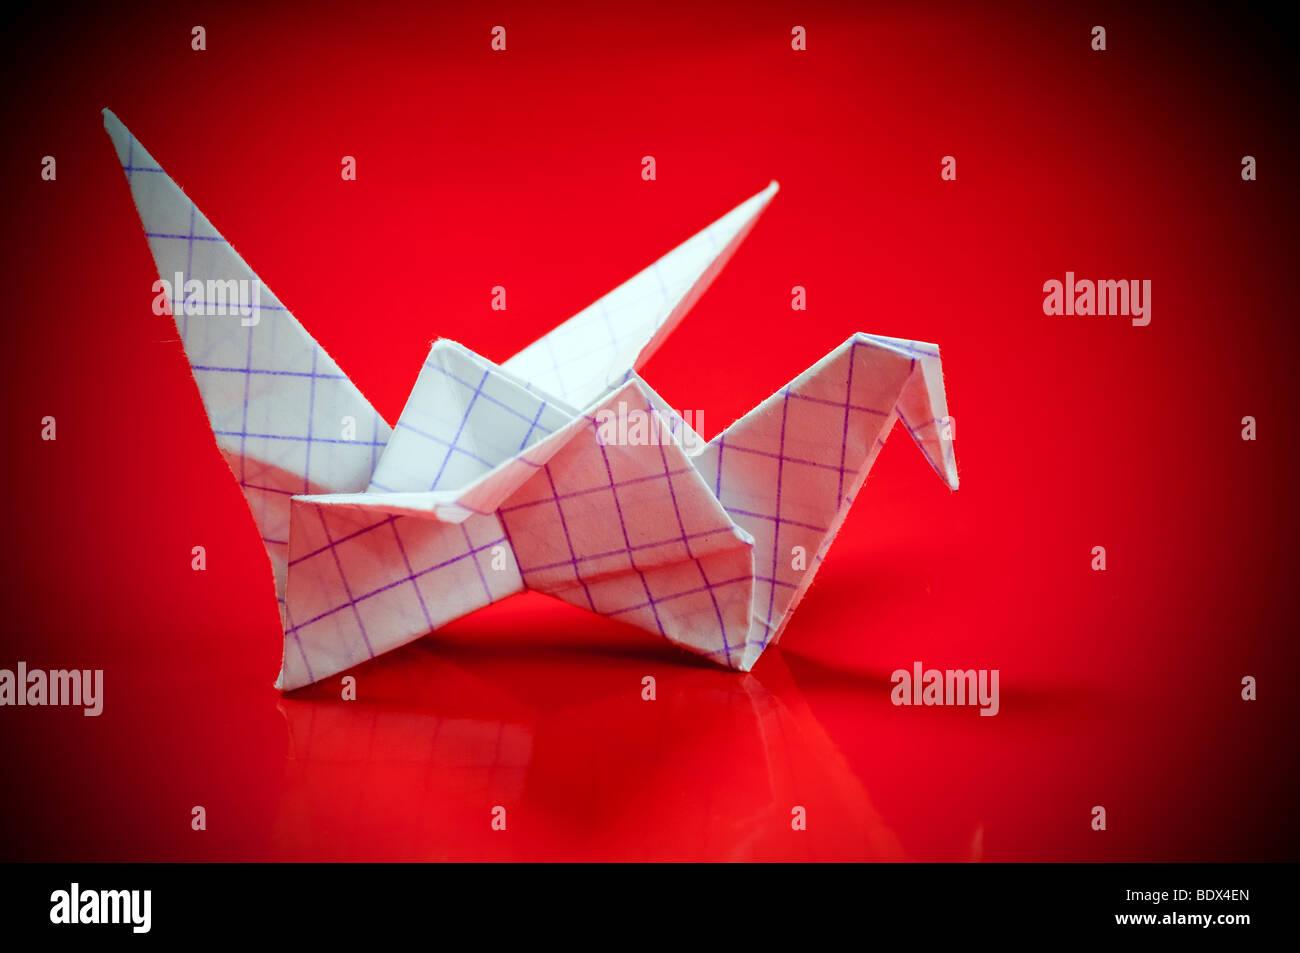 Ein Origami-Papier-Kran auf rotem Grund Stockbild